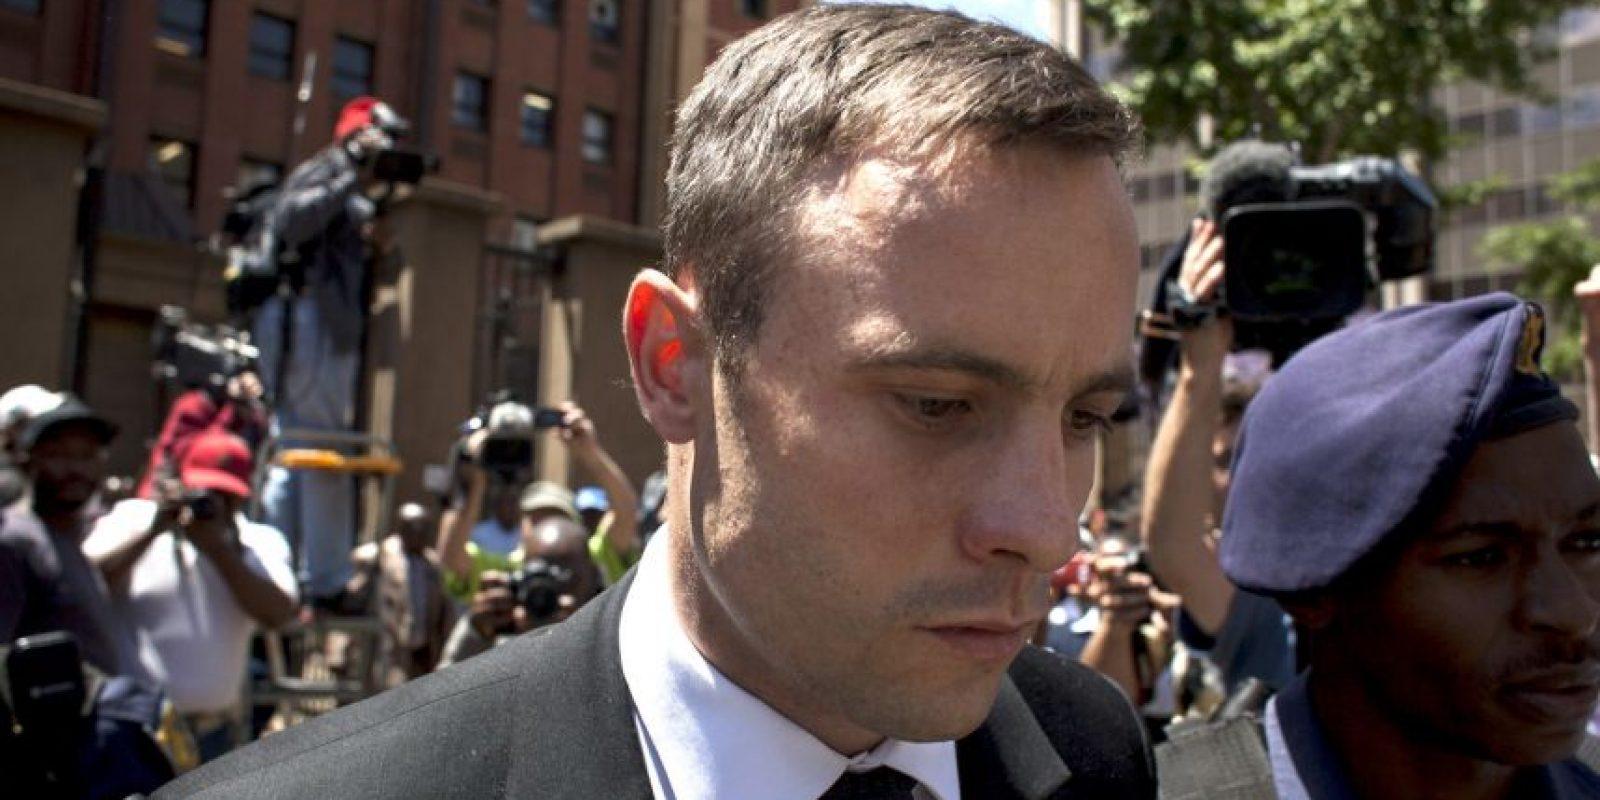 El atleta siempre declaró que disparó al creer que se trataba de un intruso Foto:Getty Images. Imagen Por: